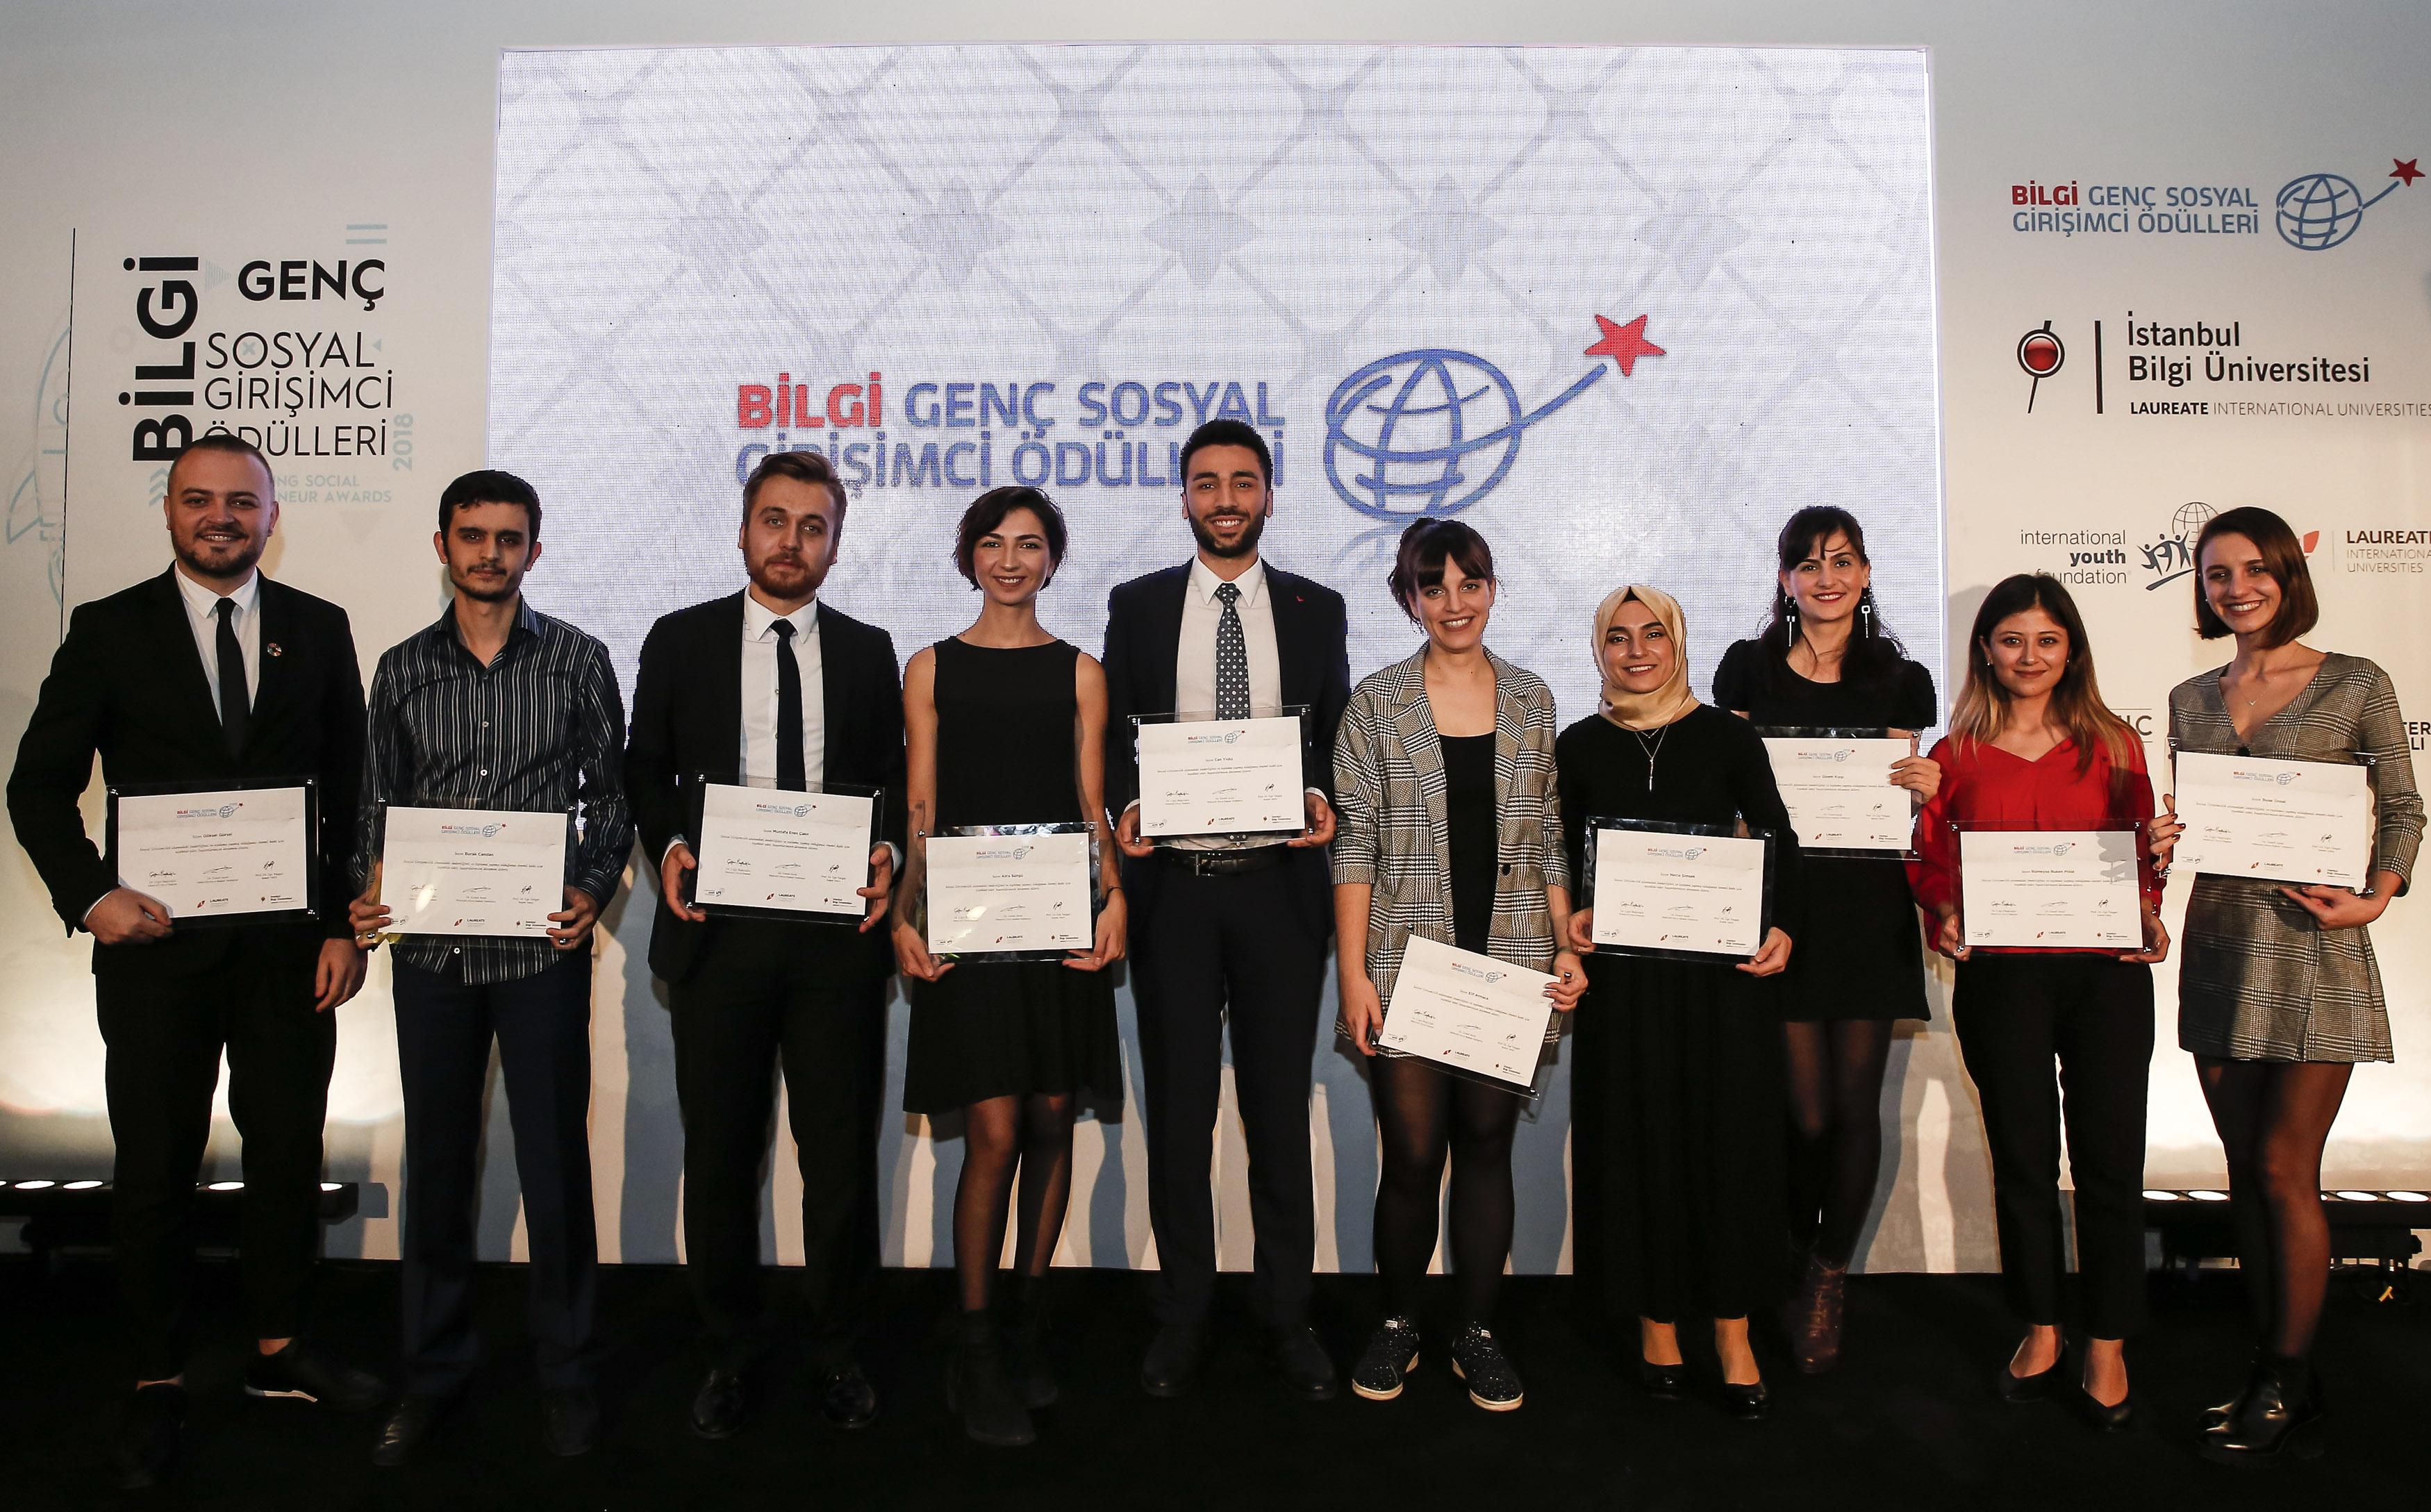 """İstanbul Bilgi Üniversitesi tarafından bu yıl 8'incisi düzenlenen """"Genç Sosyal Girişimci Ödülleri"""" sahiplerini buldu. Topluma pozitif katkı sağlamış 10 sosyal proje ödüllendirildi."""